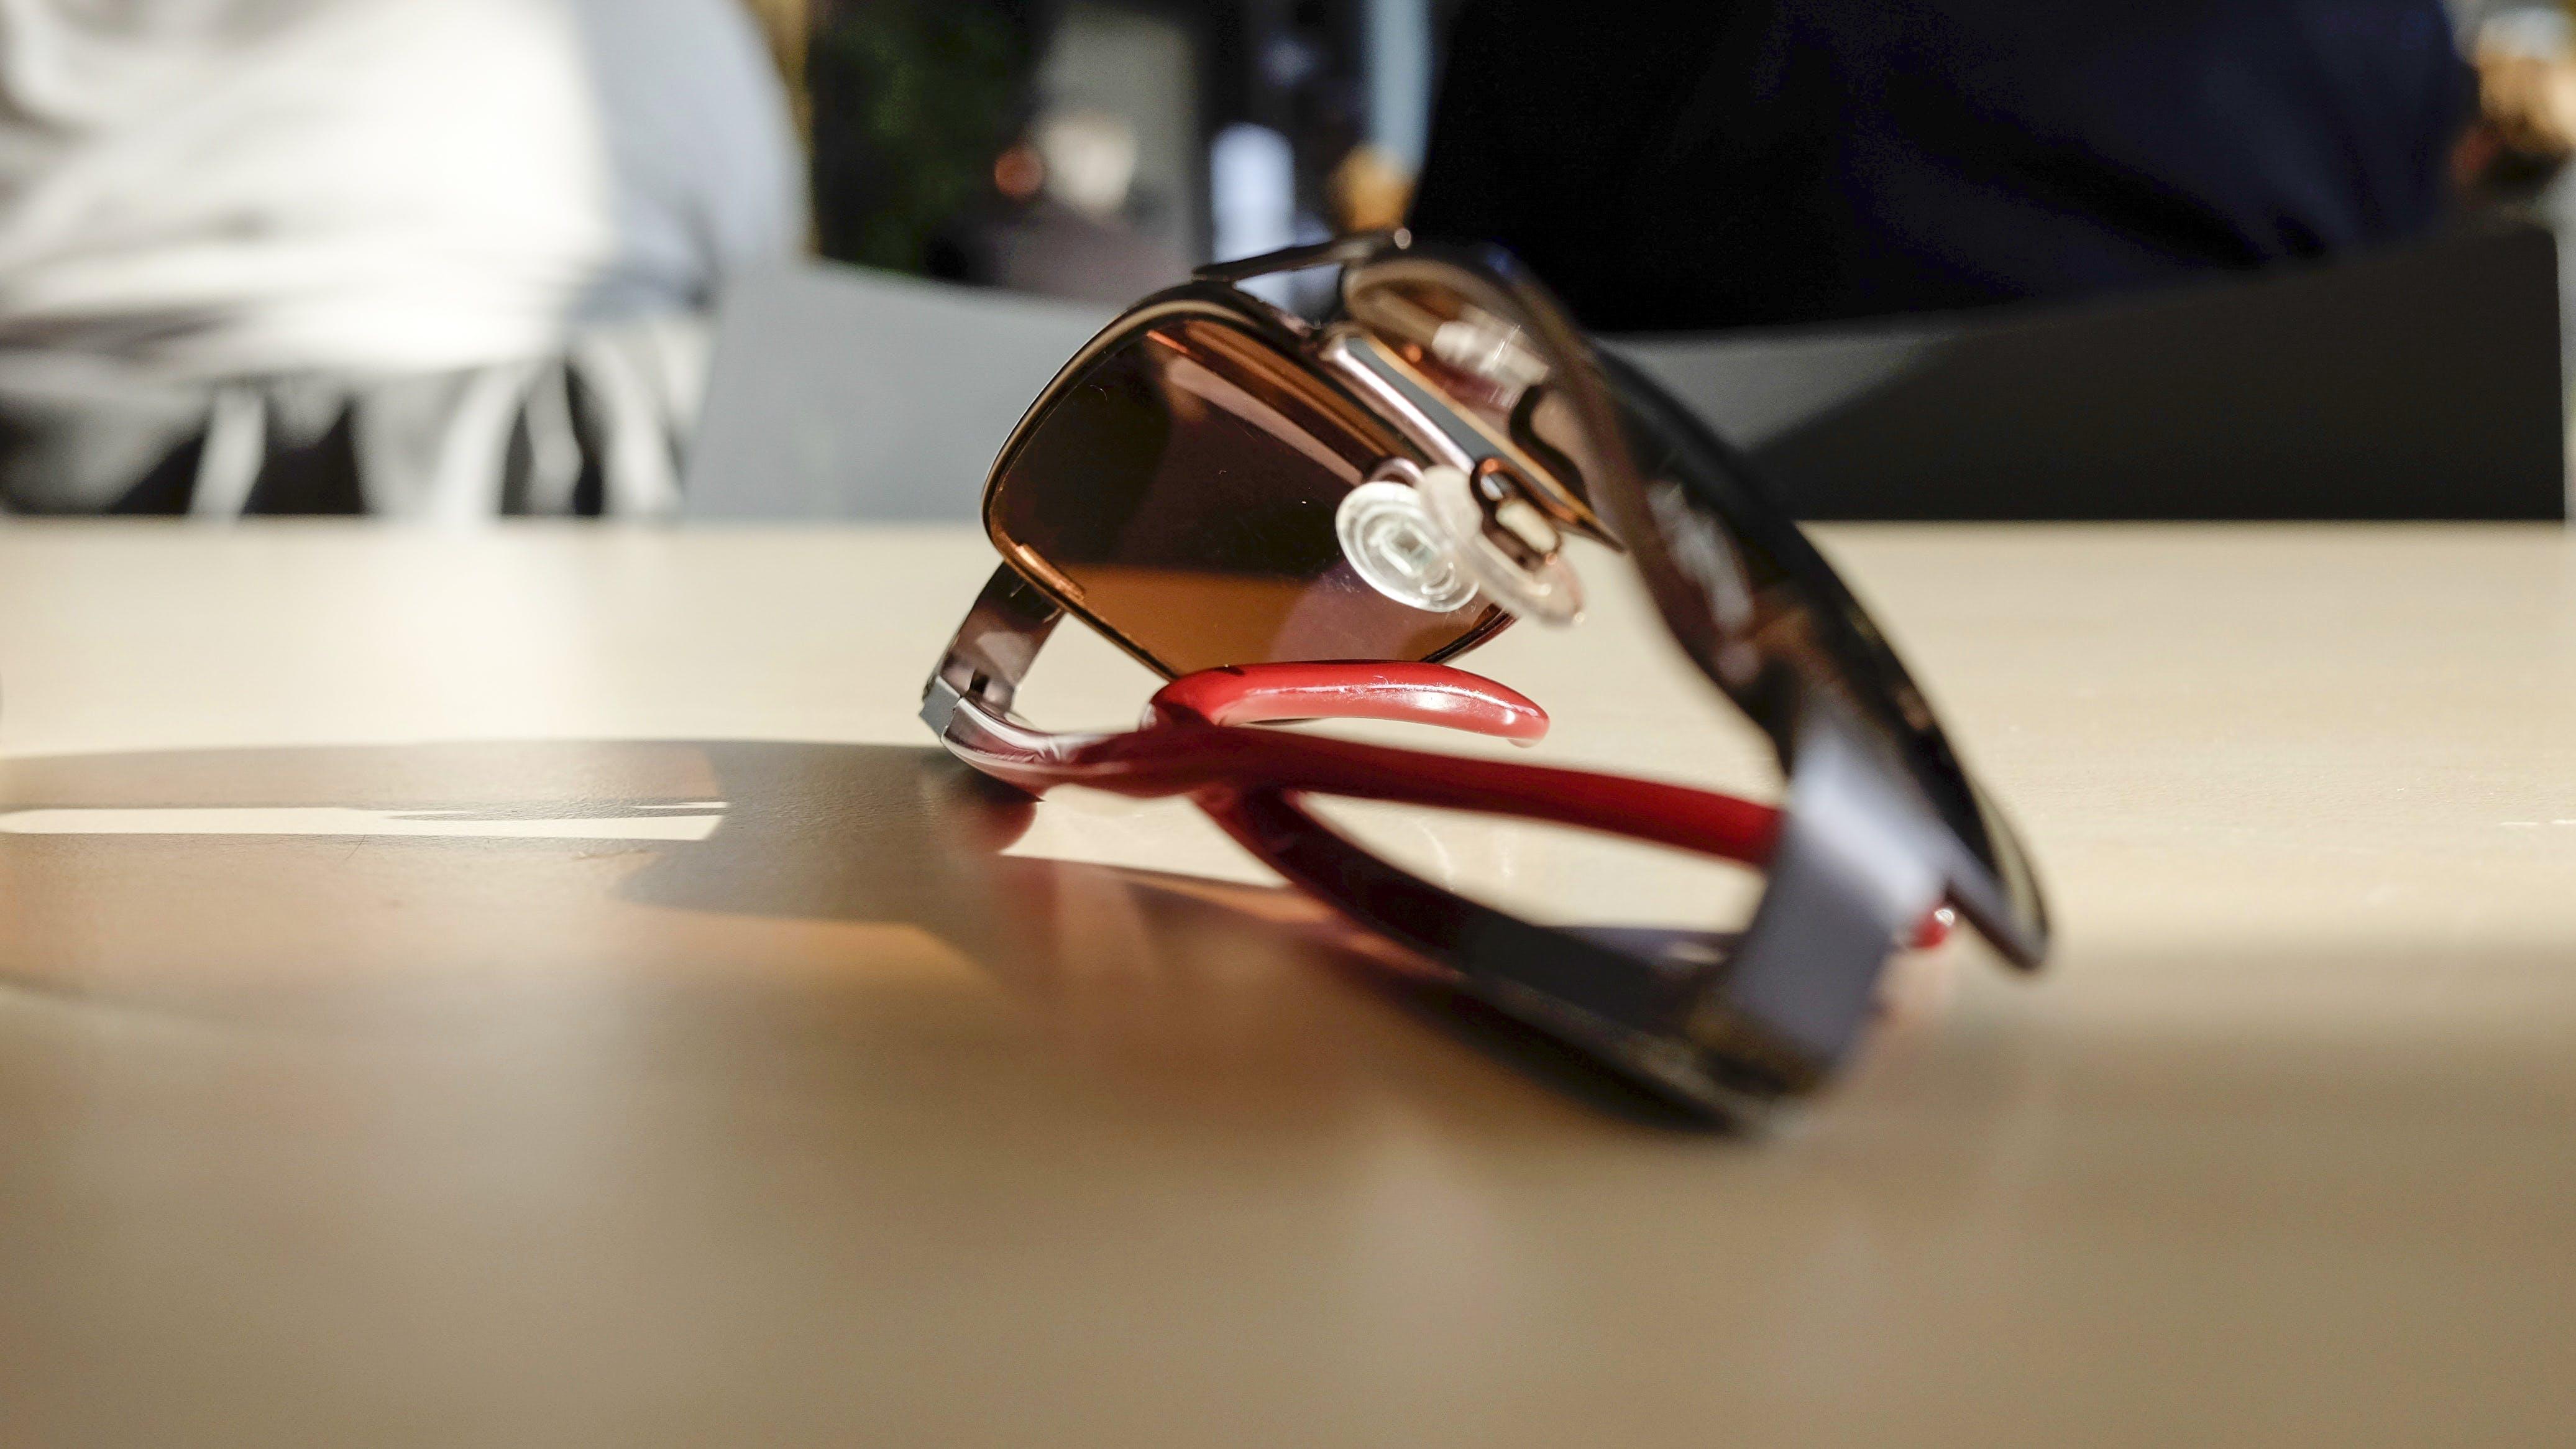 Fotos de stock gratuitas de gafas, Gafas de sol, Matthias Zomer